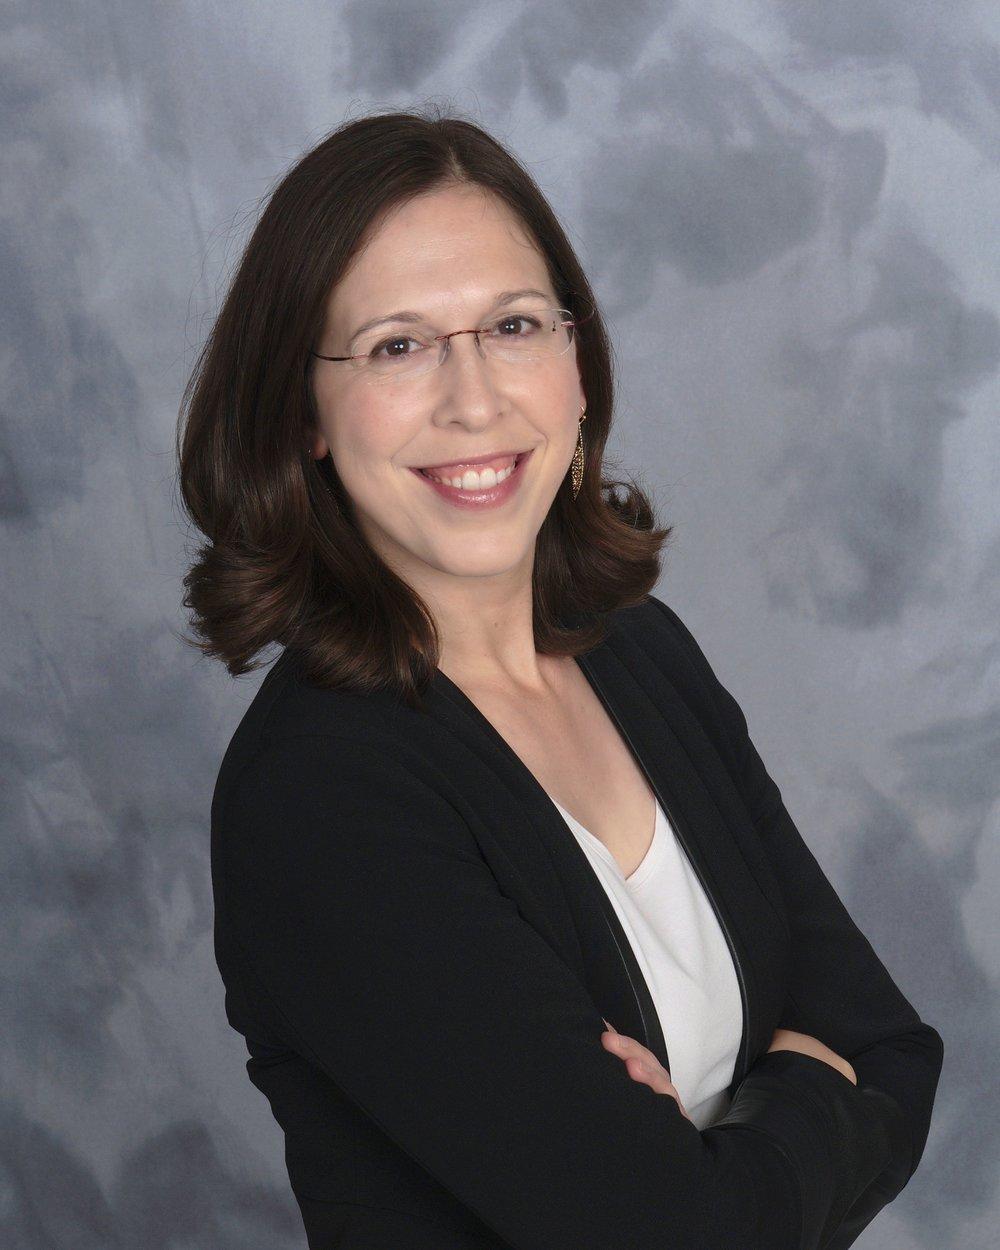 Rebecca Schreiber Headshot.jpg